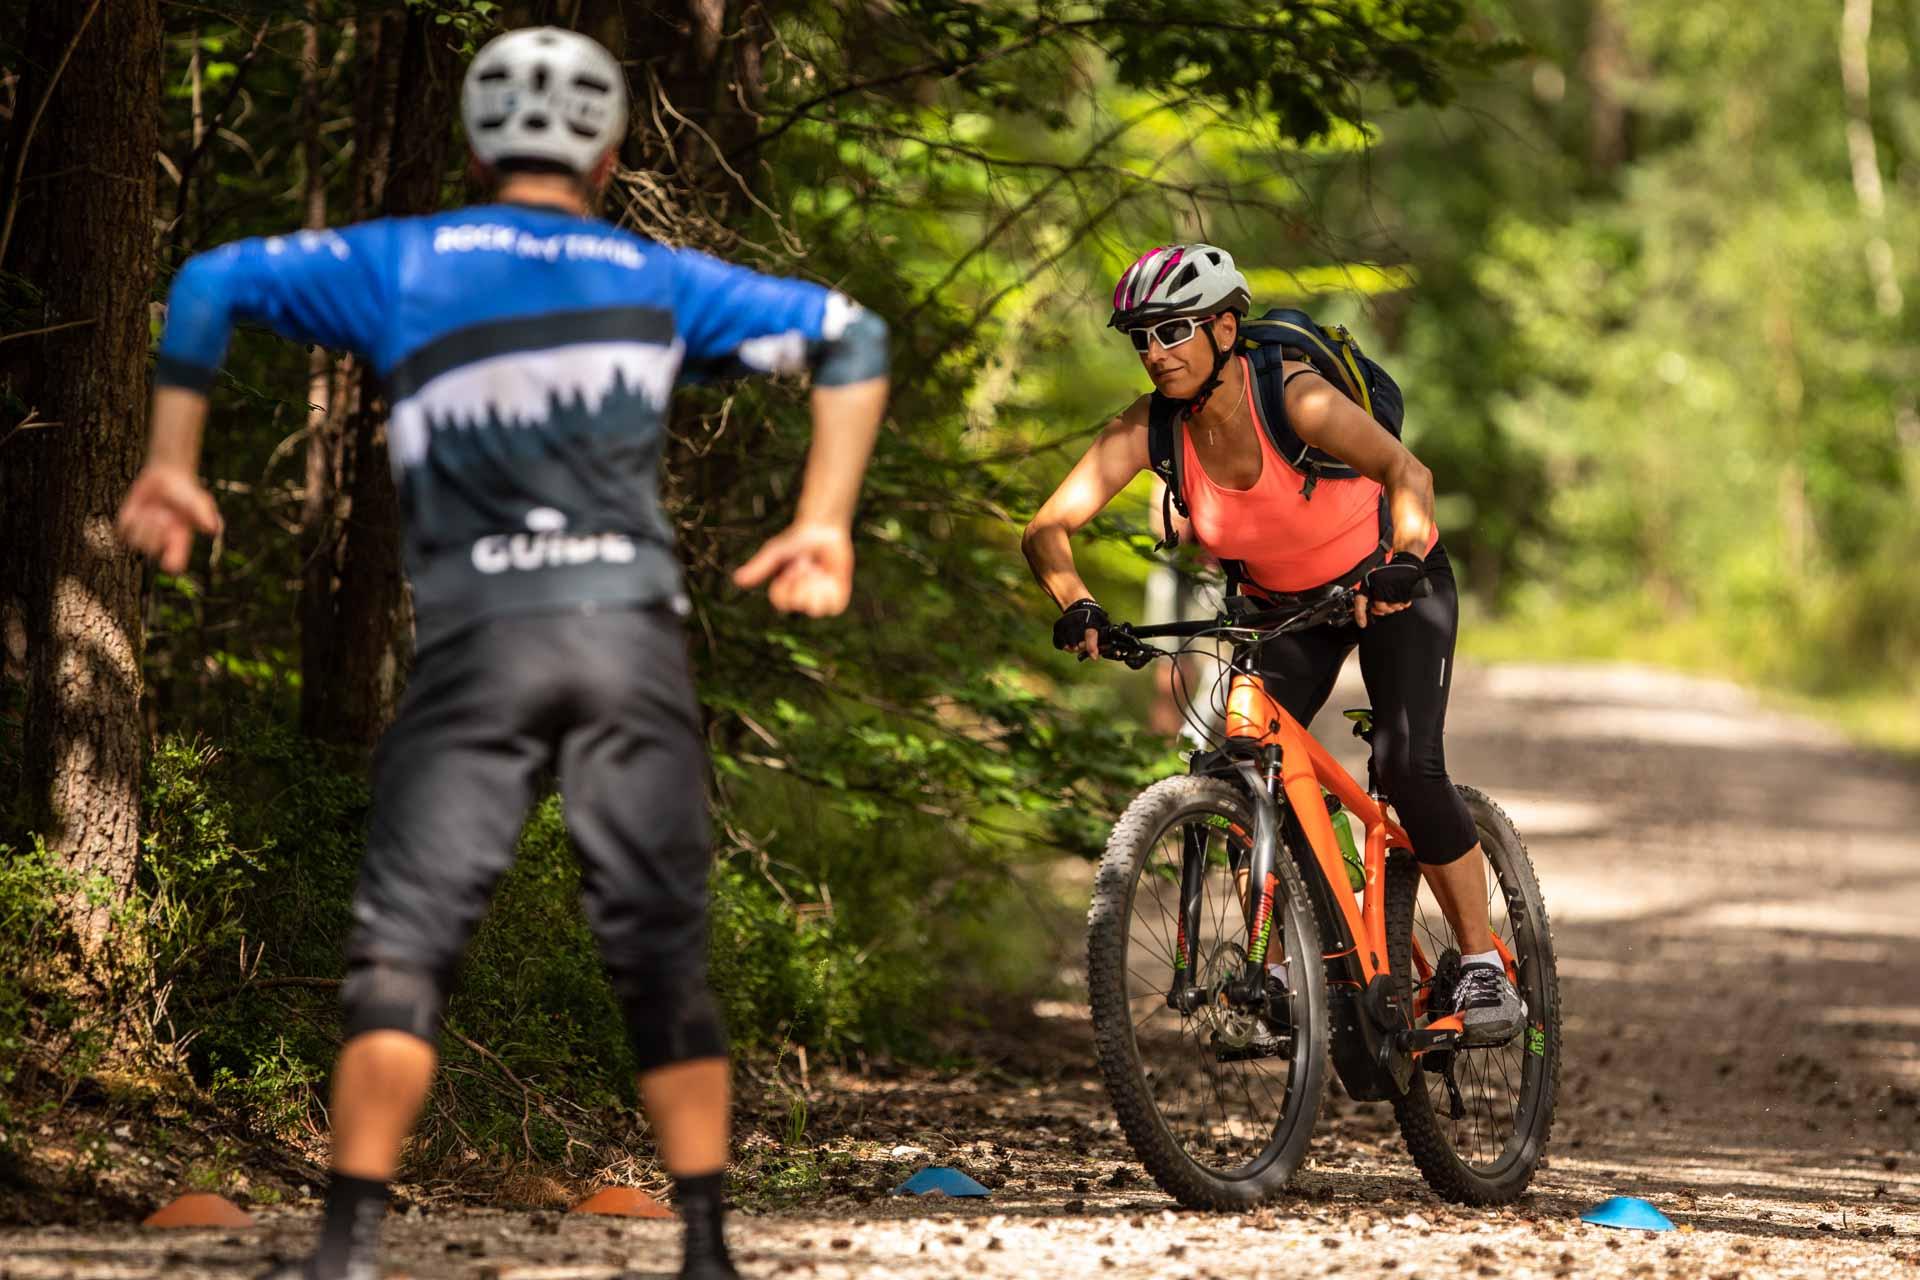 Mountainbike Kurse in München - Rock my Trail Fahrtechnik Bikeschule-1